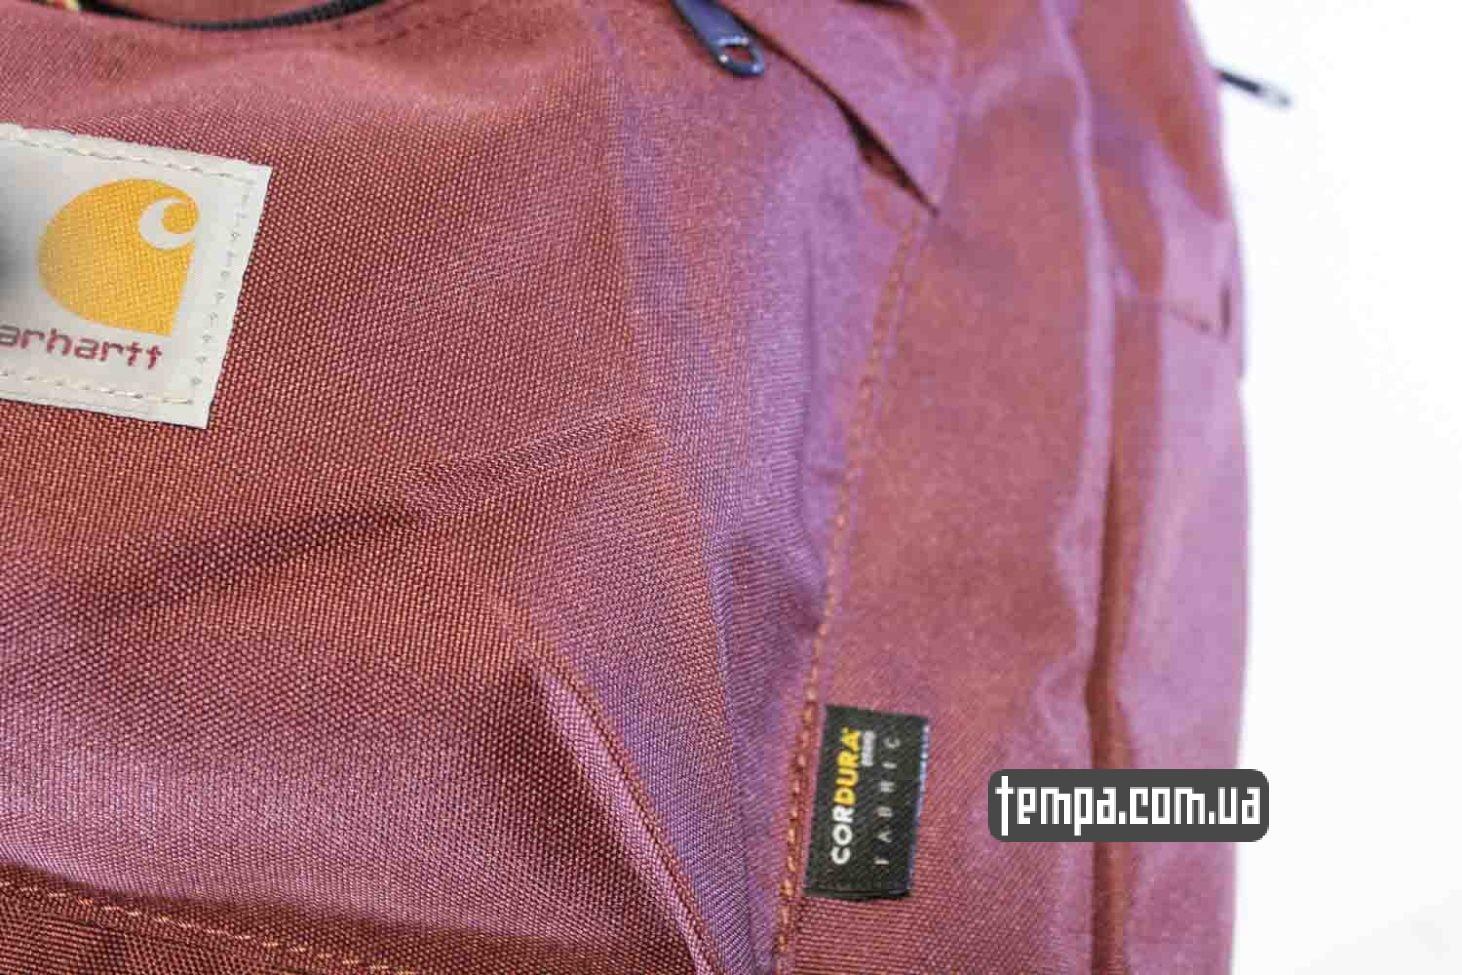 carhartt магазин оригинал купить рюкзак Carhartt красный бордовый портфель купить Украина